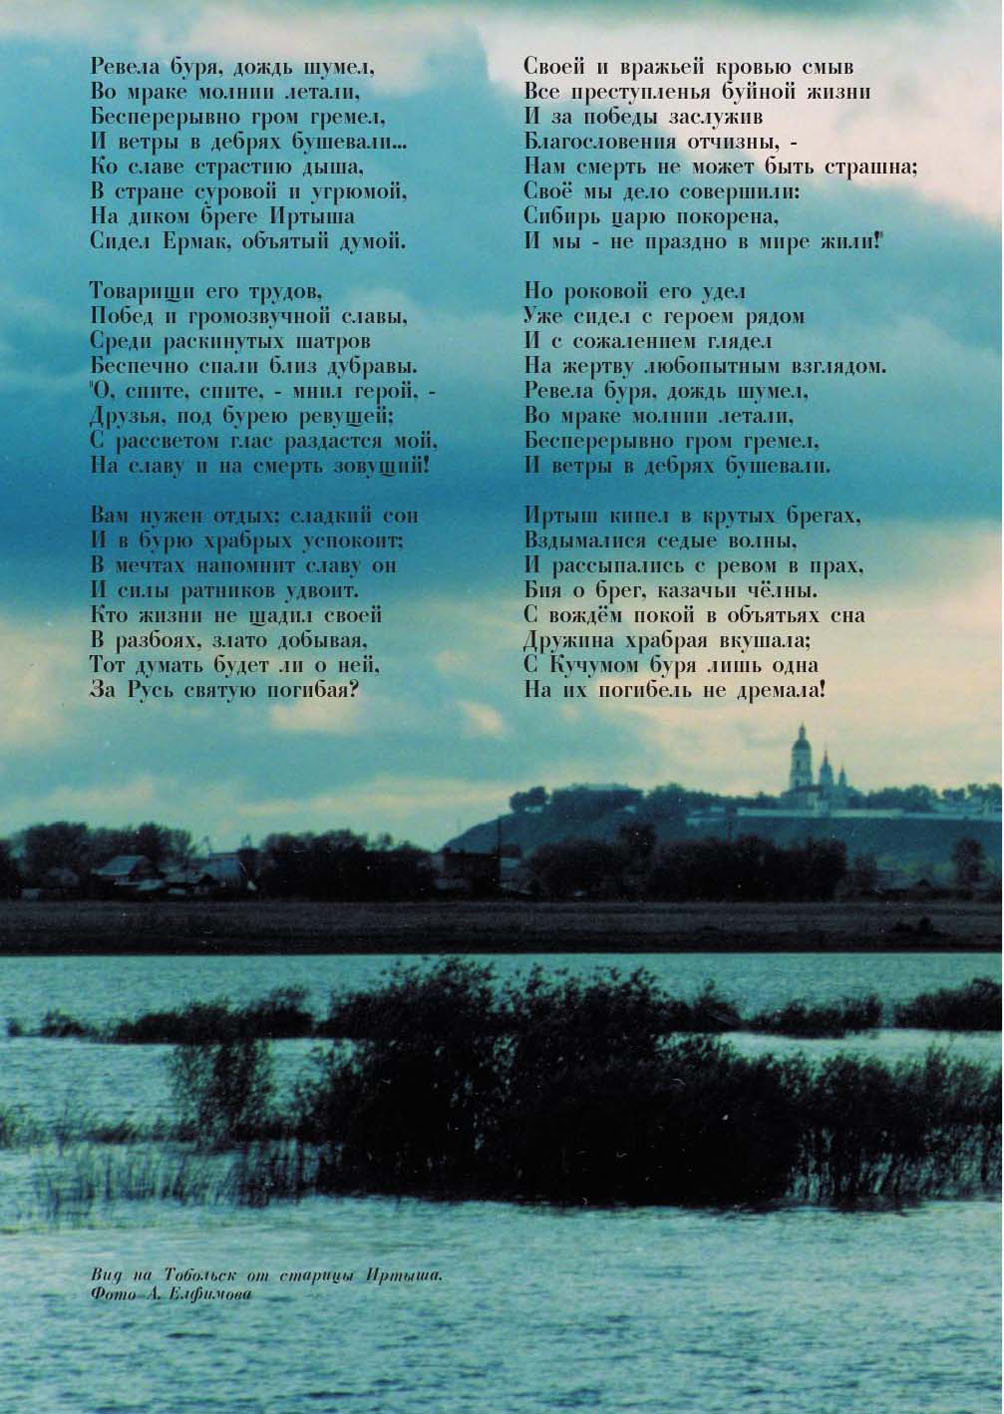 ПЕСНЯ РЕВЕЛА БУРЯ ГРОМ ГРЕМЕЛ СКАЧАТЬ БЕСПЛАТНО